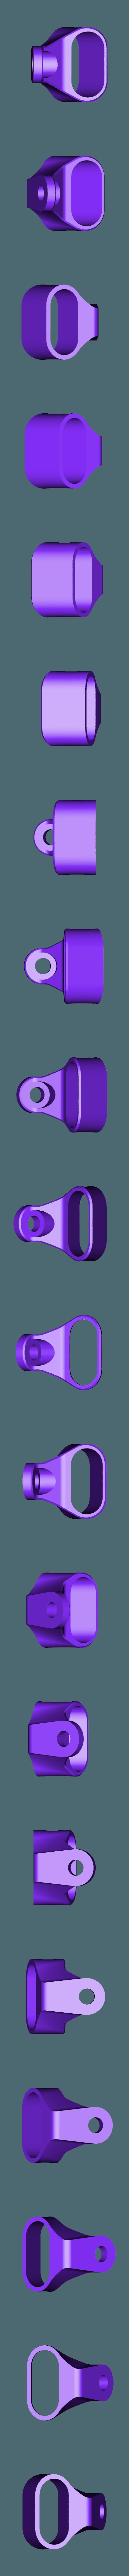 Air_Hose_Mount_v1-6b.STL Télécharger fichier STL gratuit Monture Nautilus (RigidBot E3D v6) • Objet pour impression 3D, WalterHsiao